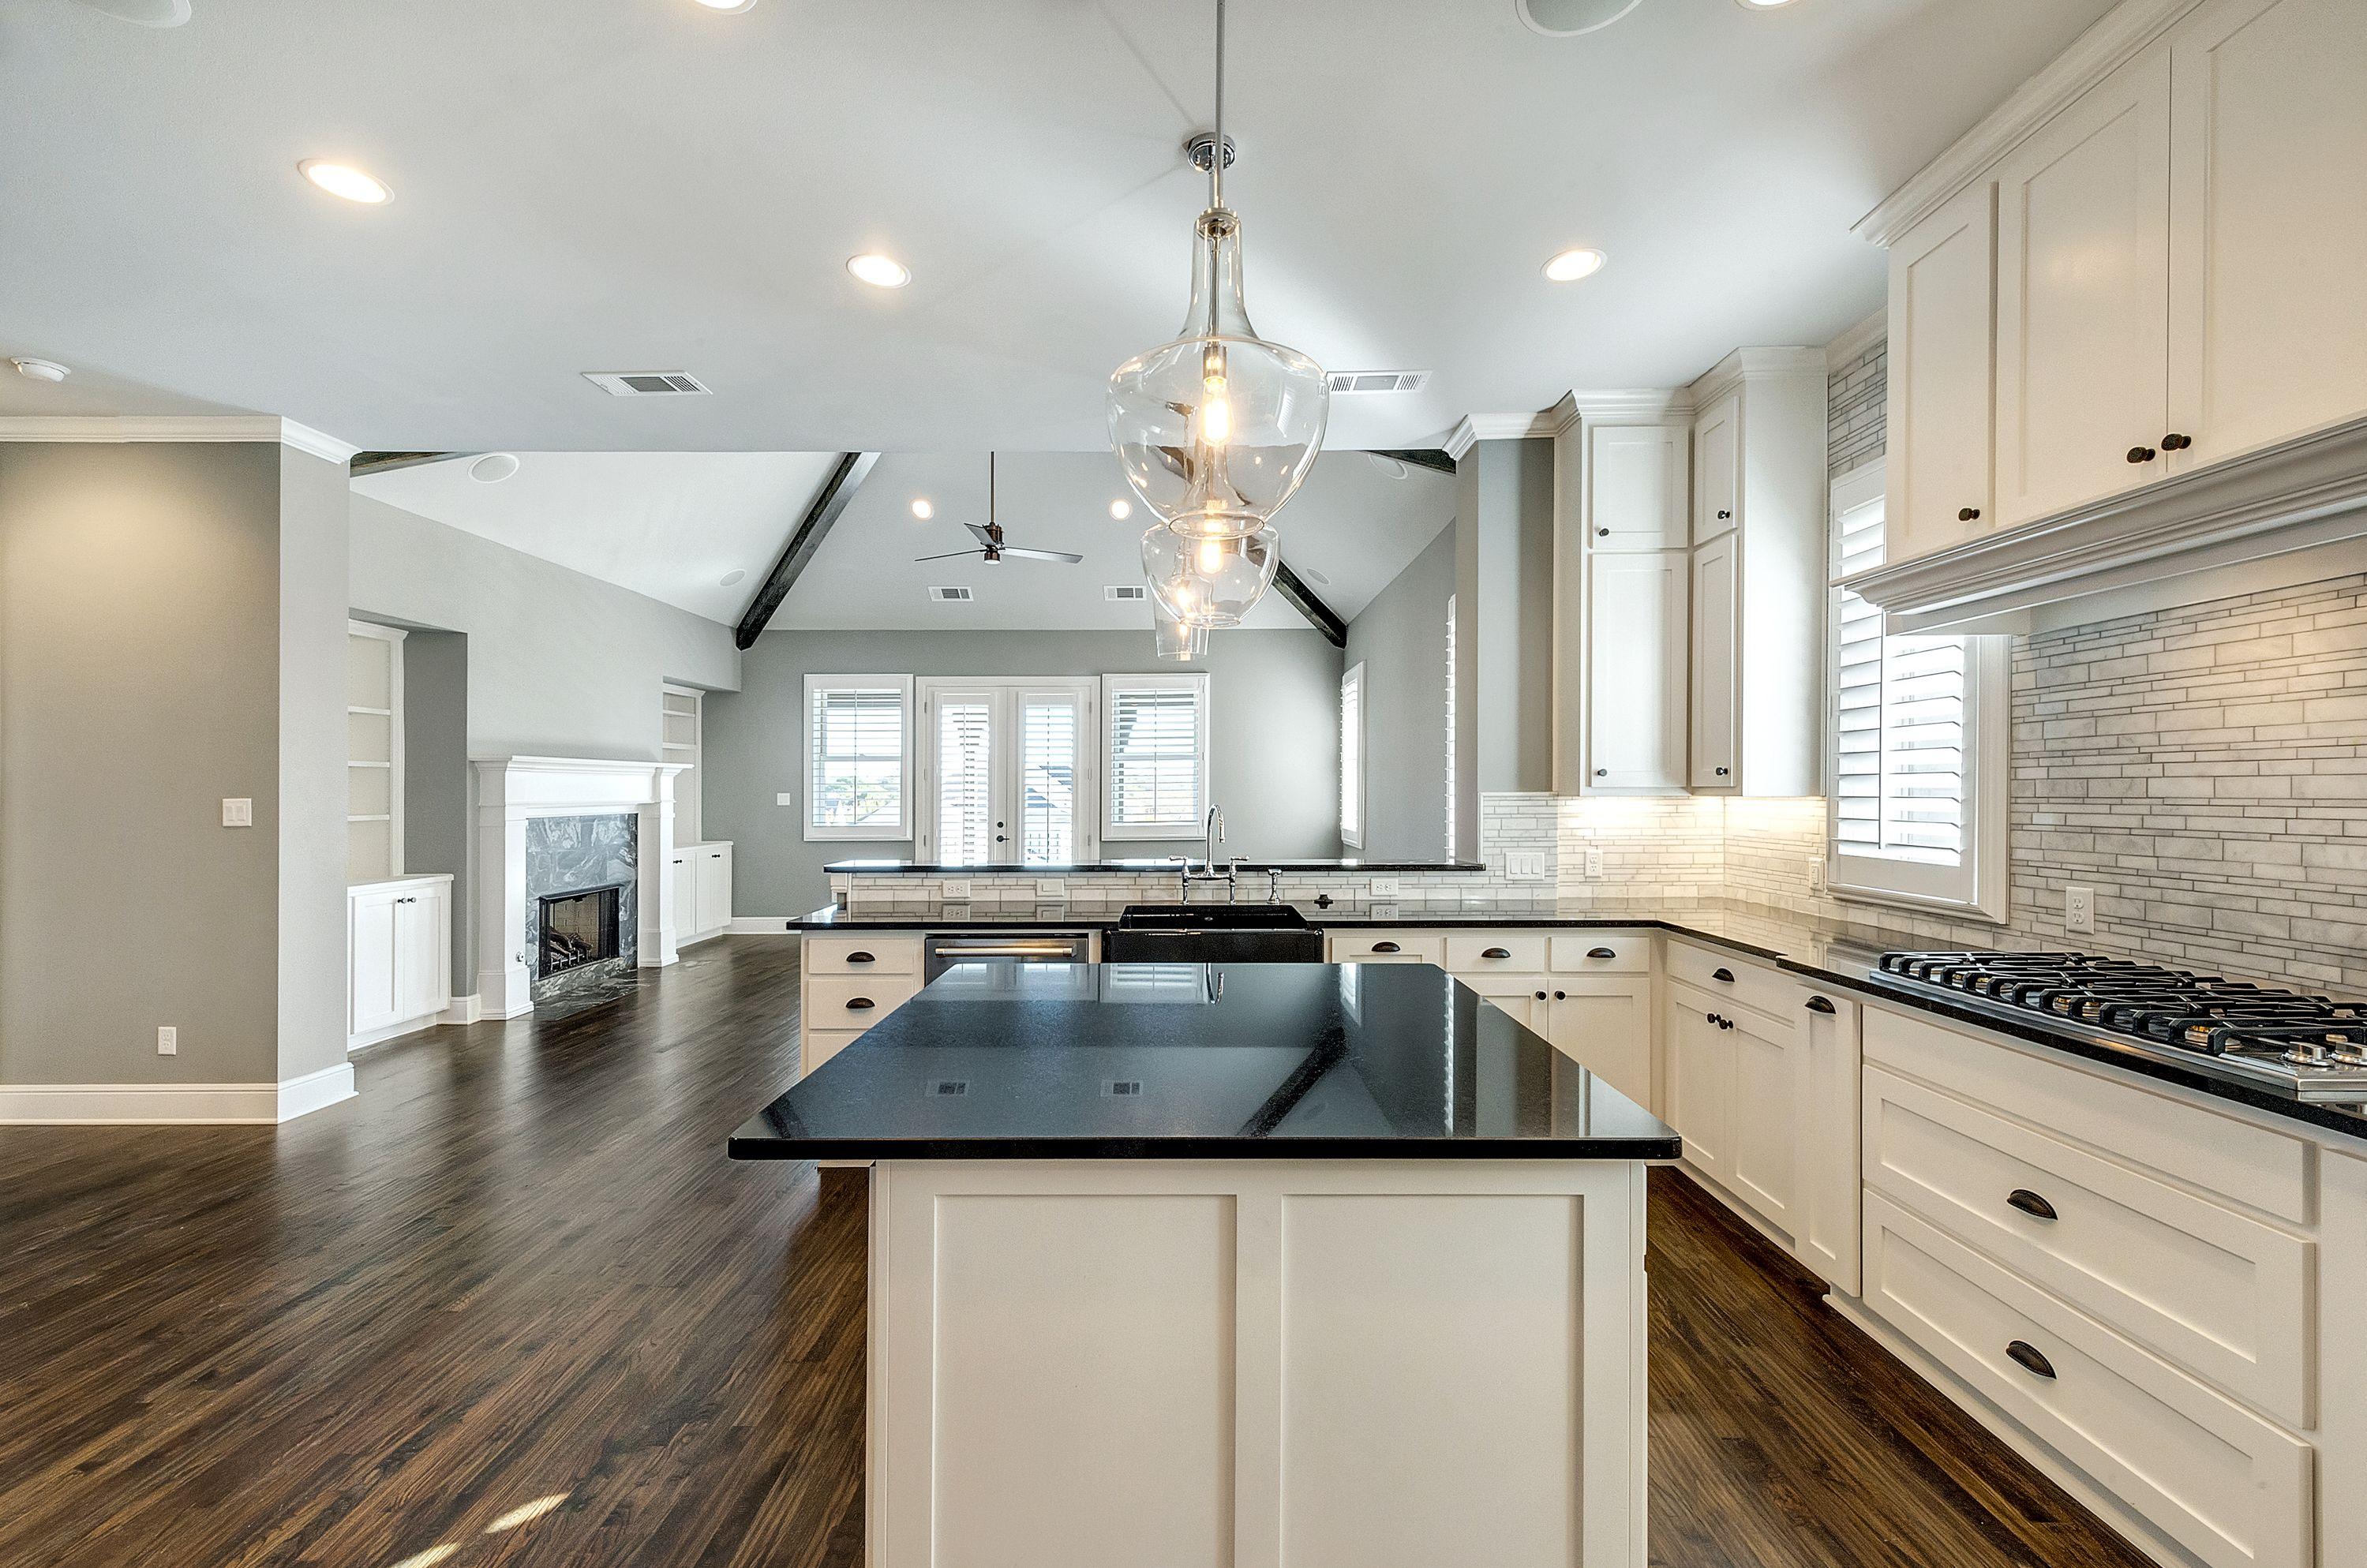 Beautiful Kitchen design by Village Homes | Village Homes Kitchens ...